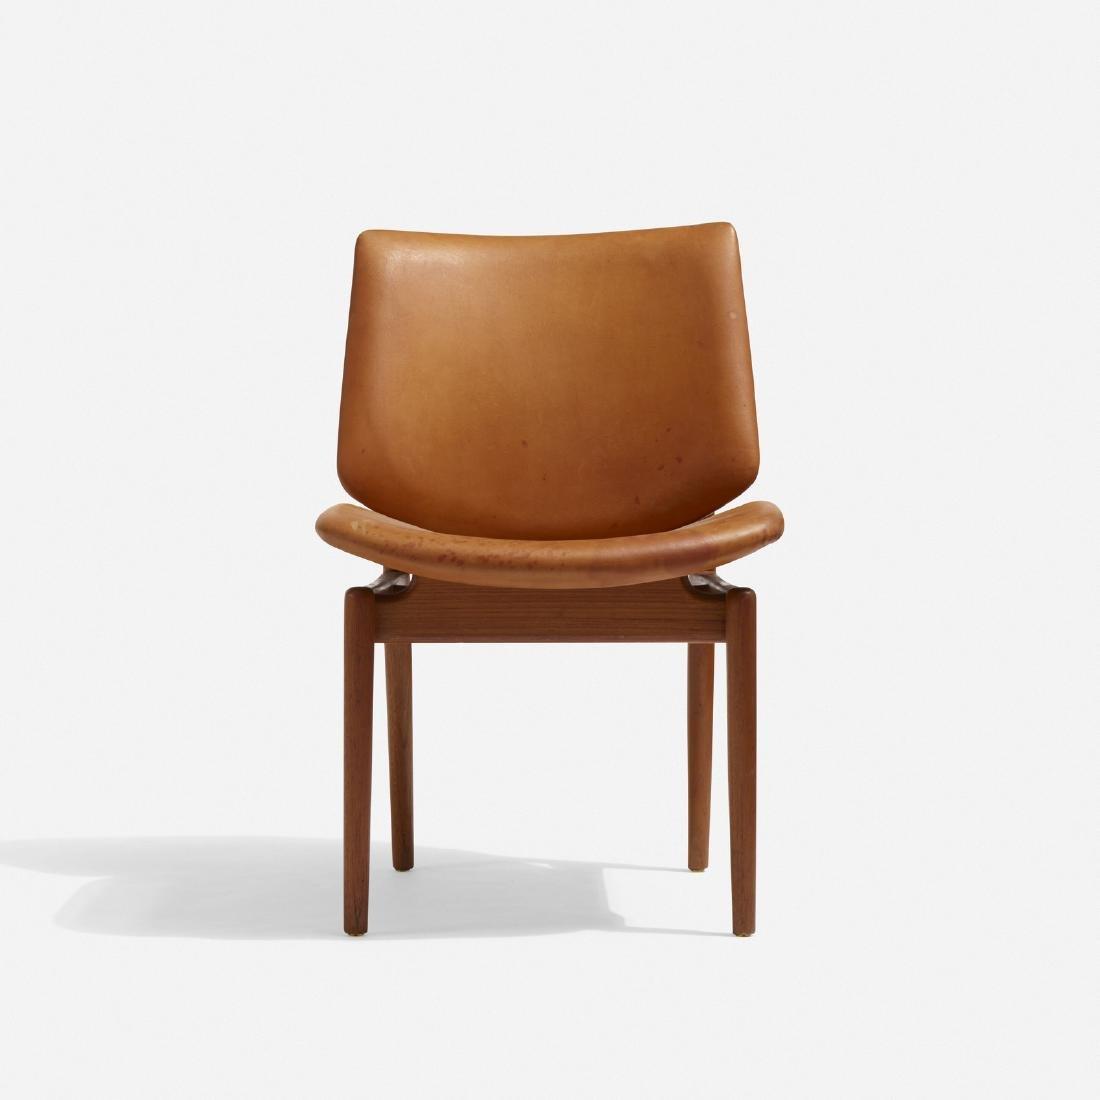 Finn Juhl, chair, model BO 116 - 2